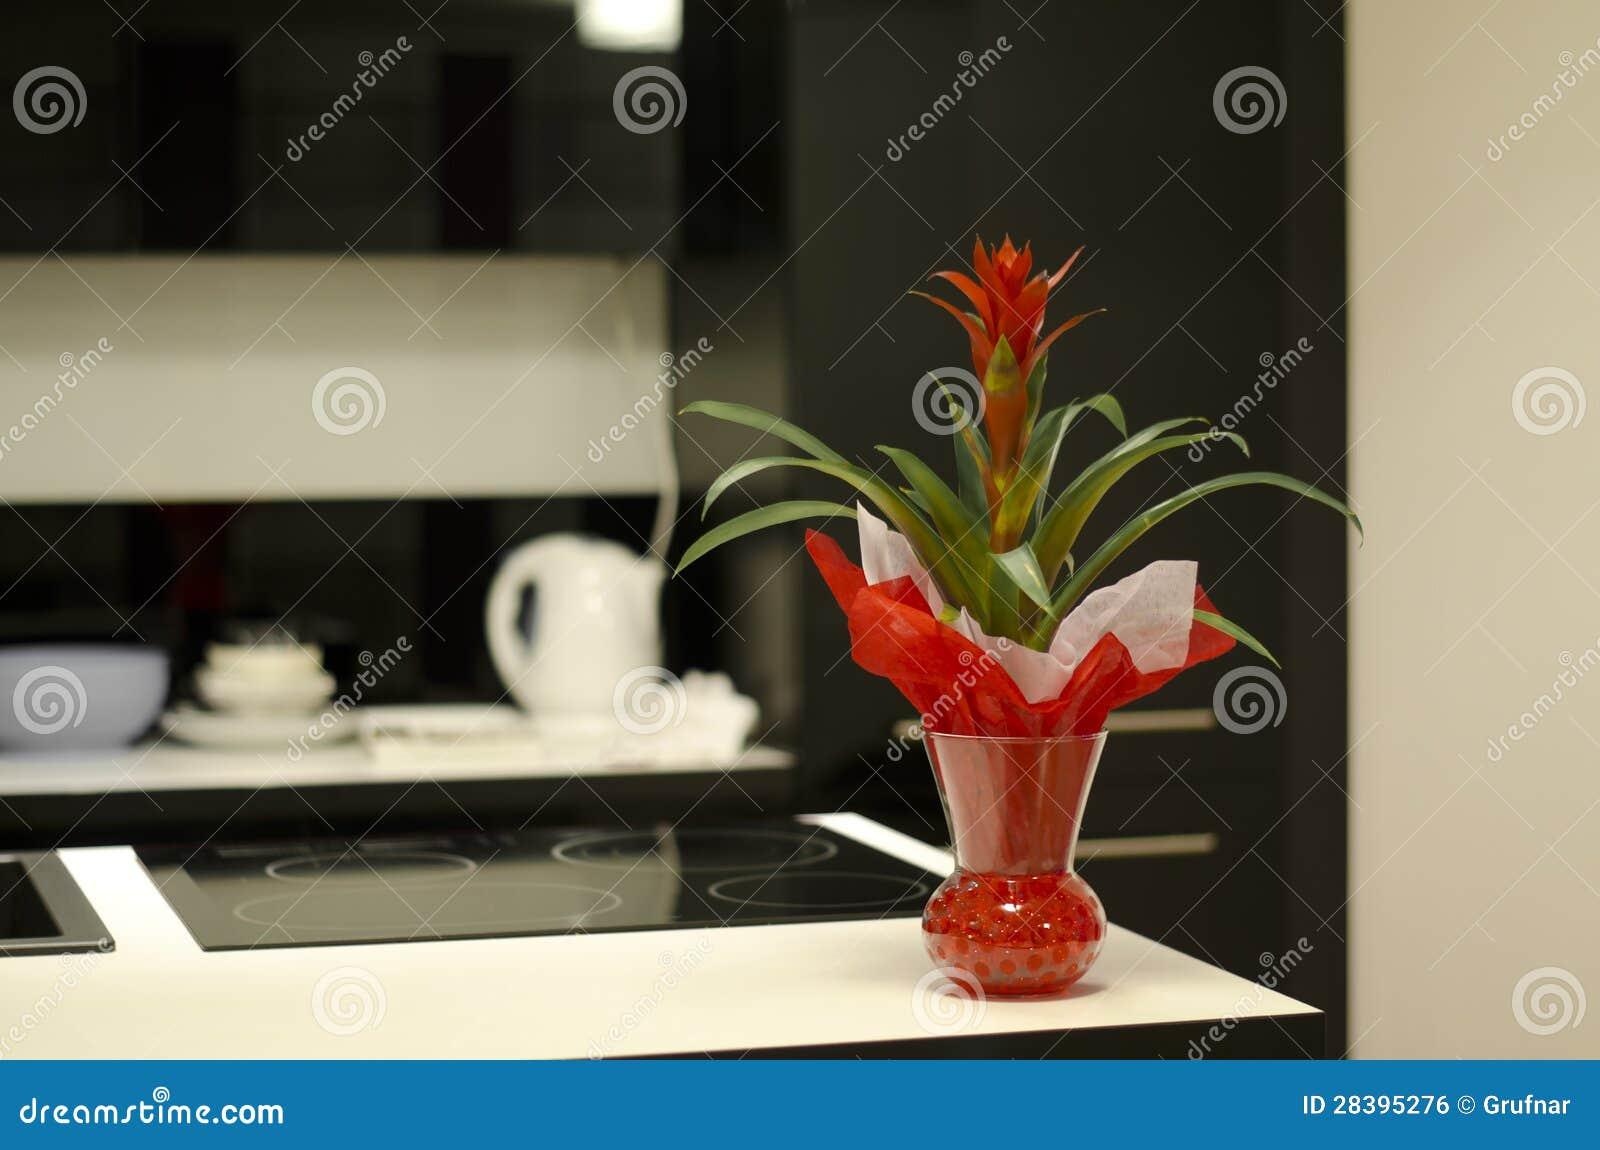 Rote Blume Auf Kuchenarbeitsplatte Stockfoto Bild Von Mobel Gerat